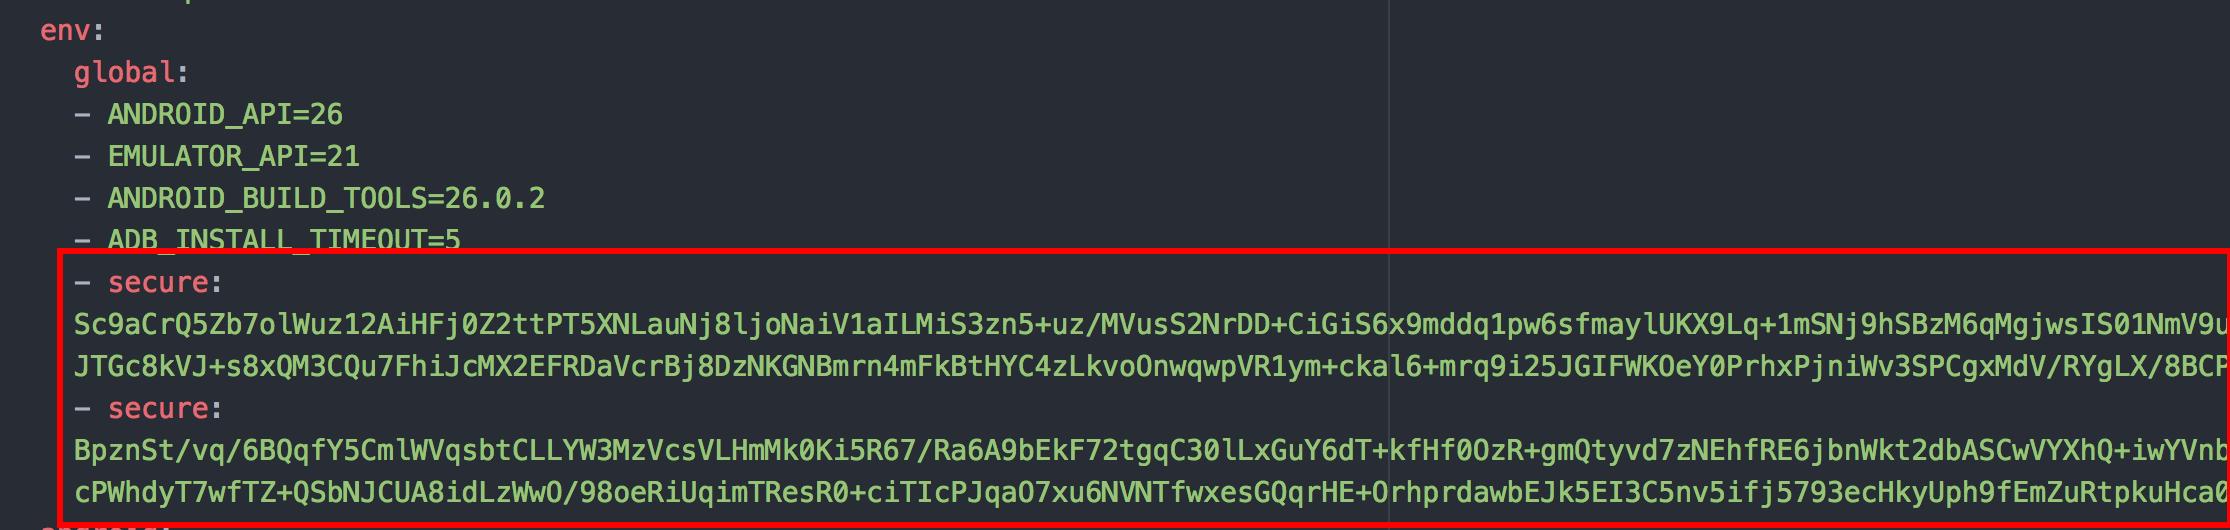 命令加密秘钥输出